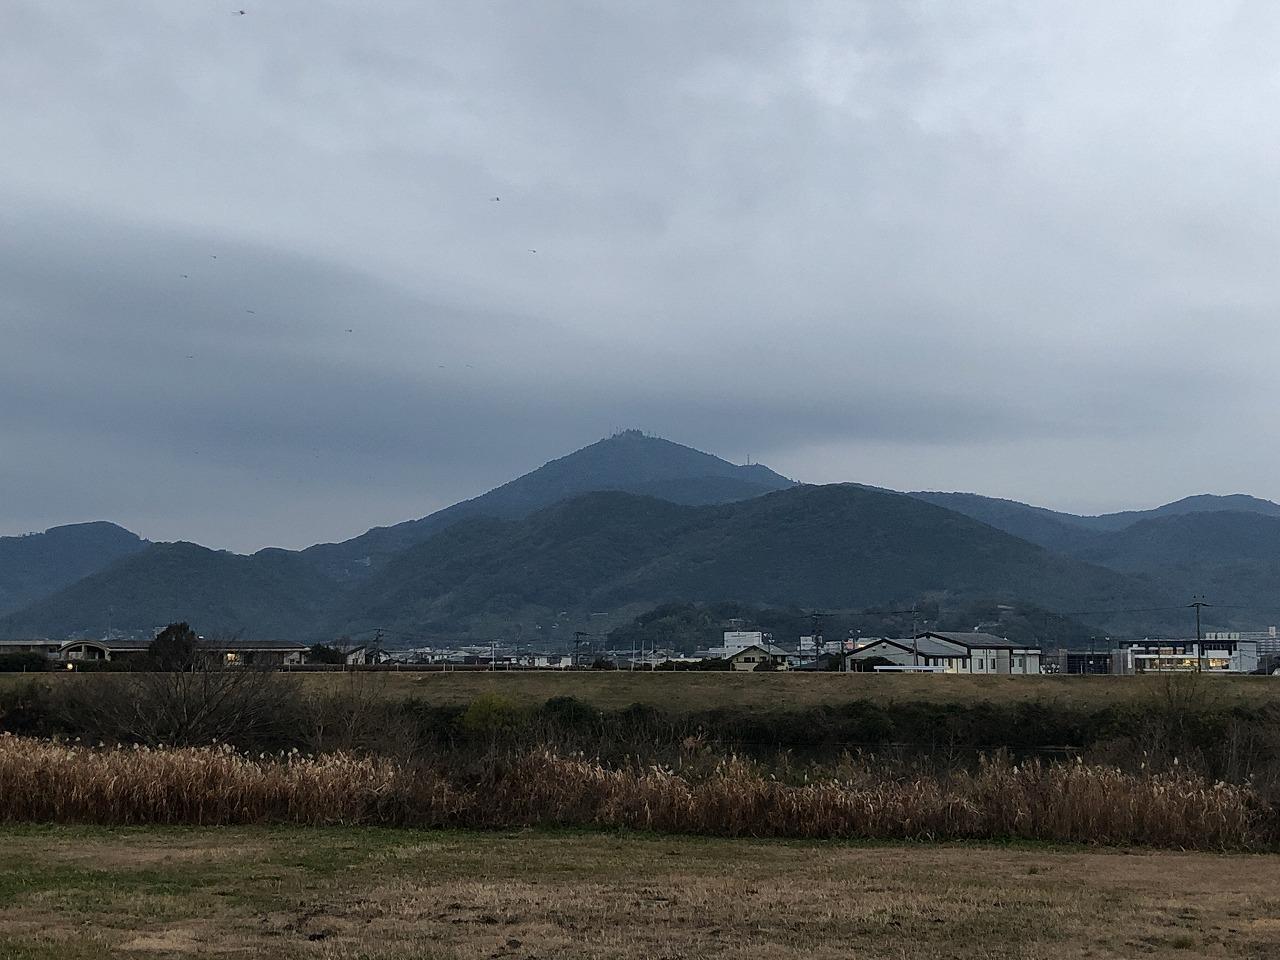 2020.1.7今朝の金峰山です!